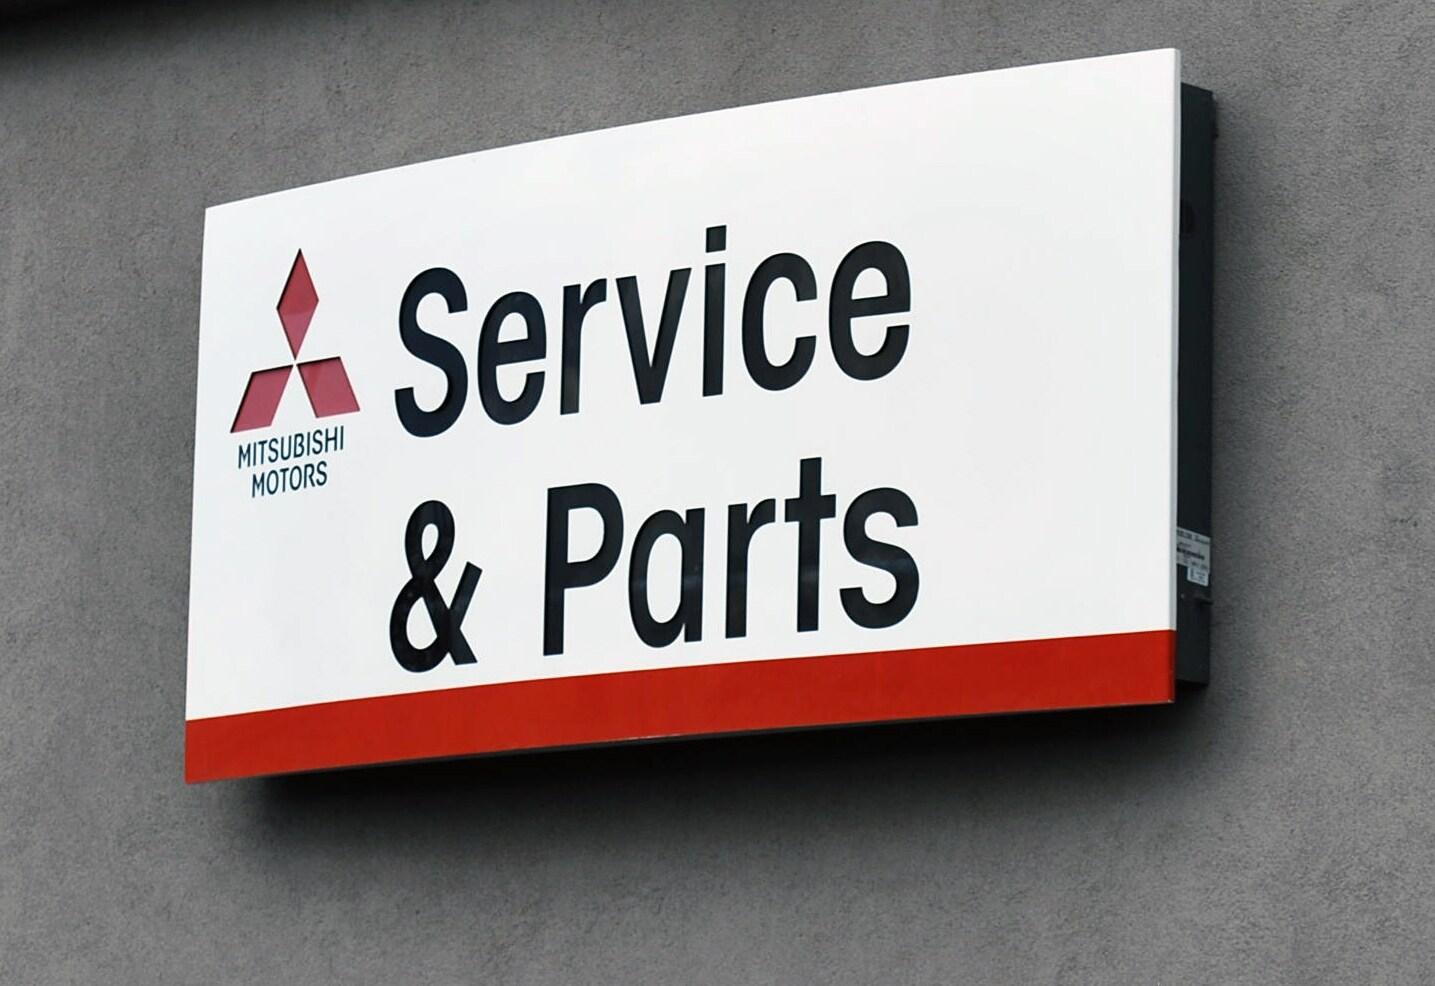 Albuquerque Mitsubishi Car Repair Auto Service Serving - Mitsubishi auto service